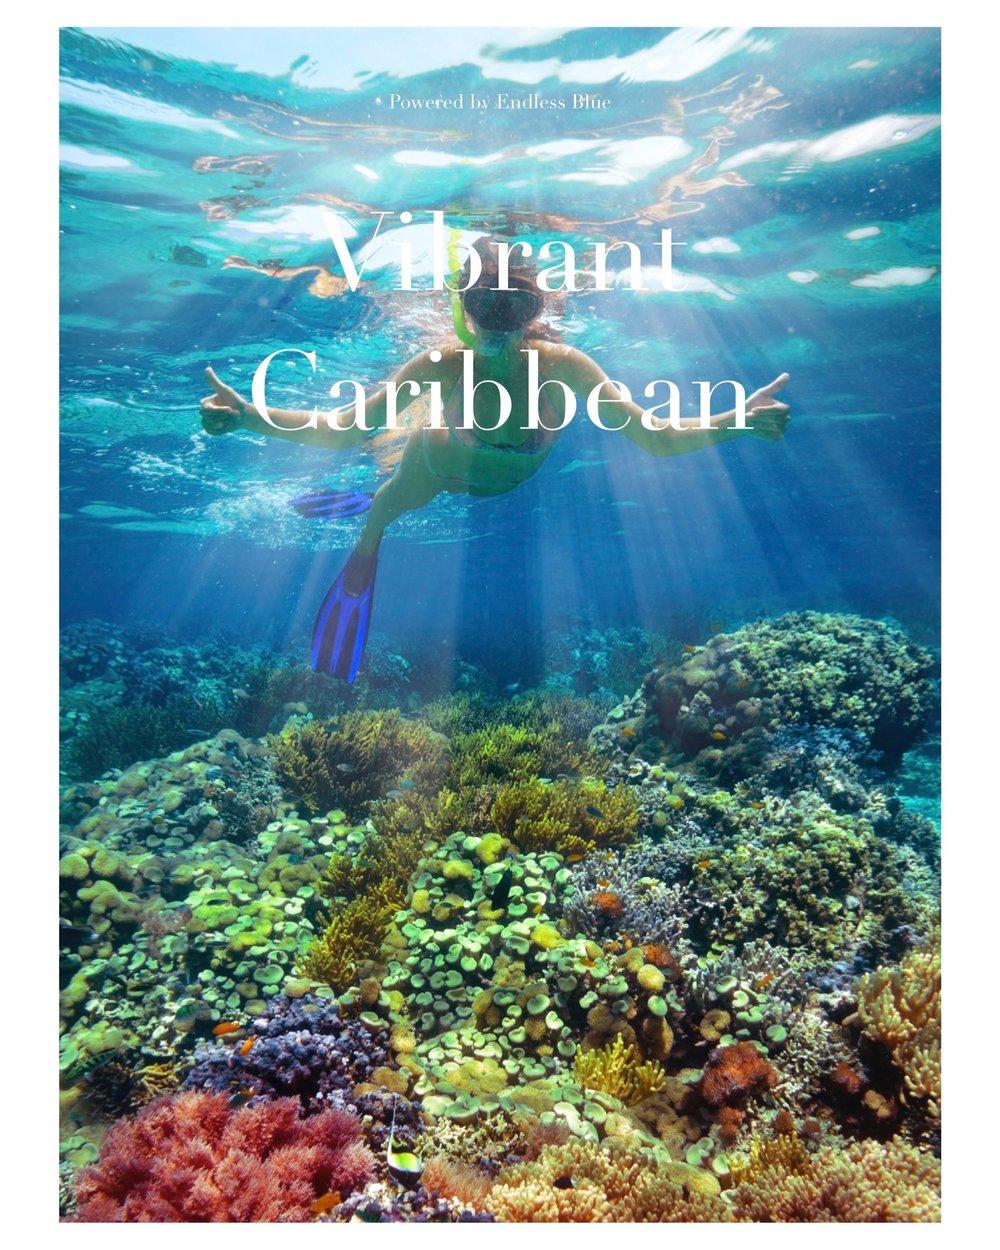 Vibrant Caribbean Cover Shot Selene.jpg